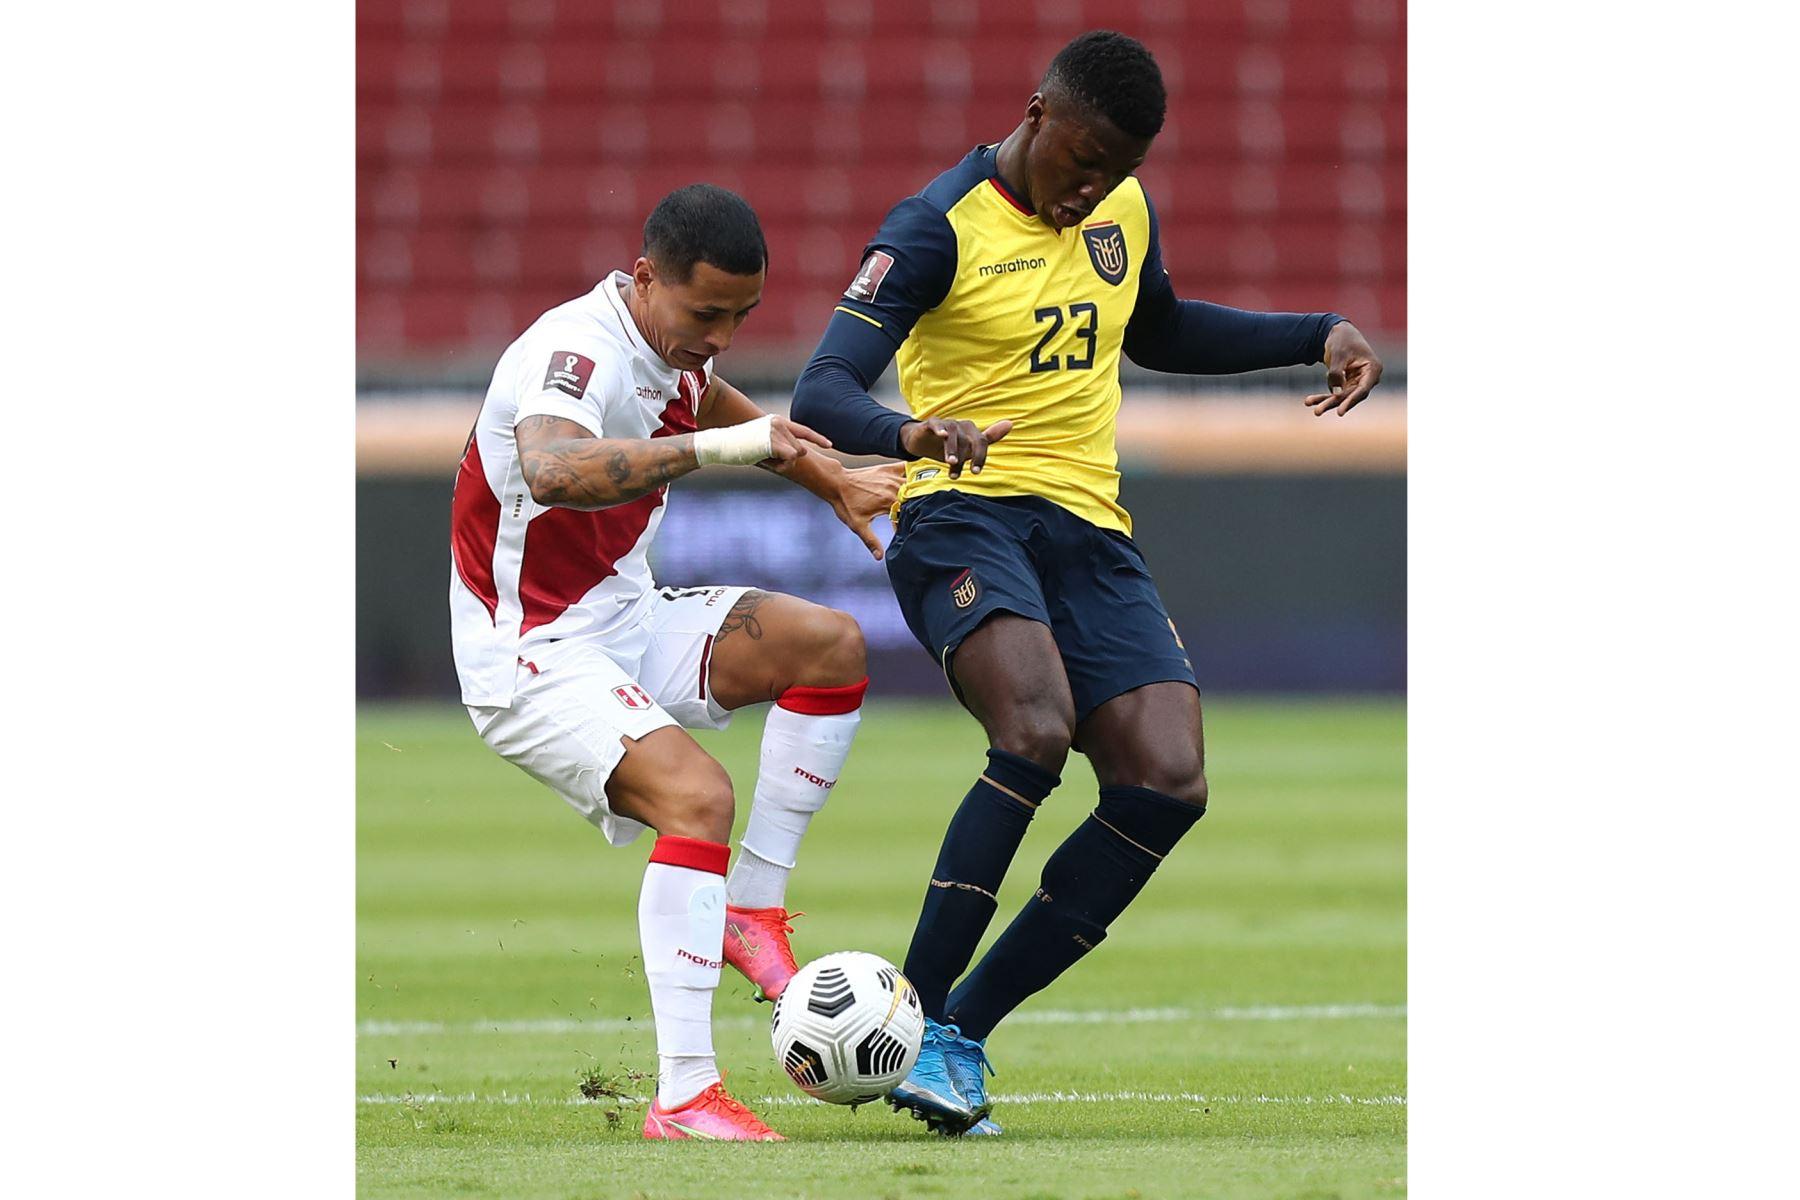 El peruano Yoshimar Yotun  y el ecuatoriano Jordy Caicedo compiten por el balón durante su partido clasificatorio sudamericano para la Copa Mundial de la FIFA Qatar 2022 en el Estadio Rodrigo Paz Delgado en Quito. Foto: AFP